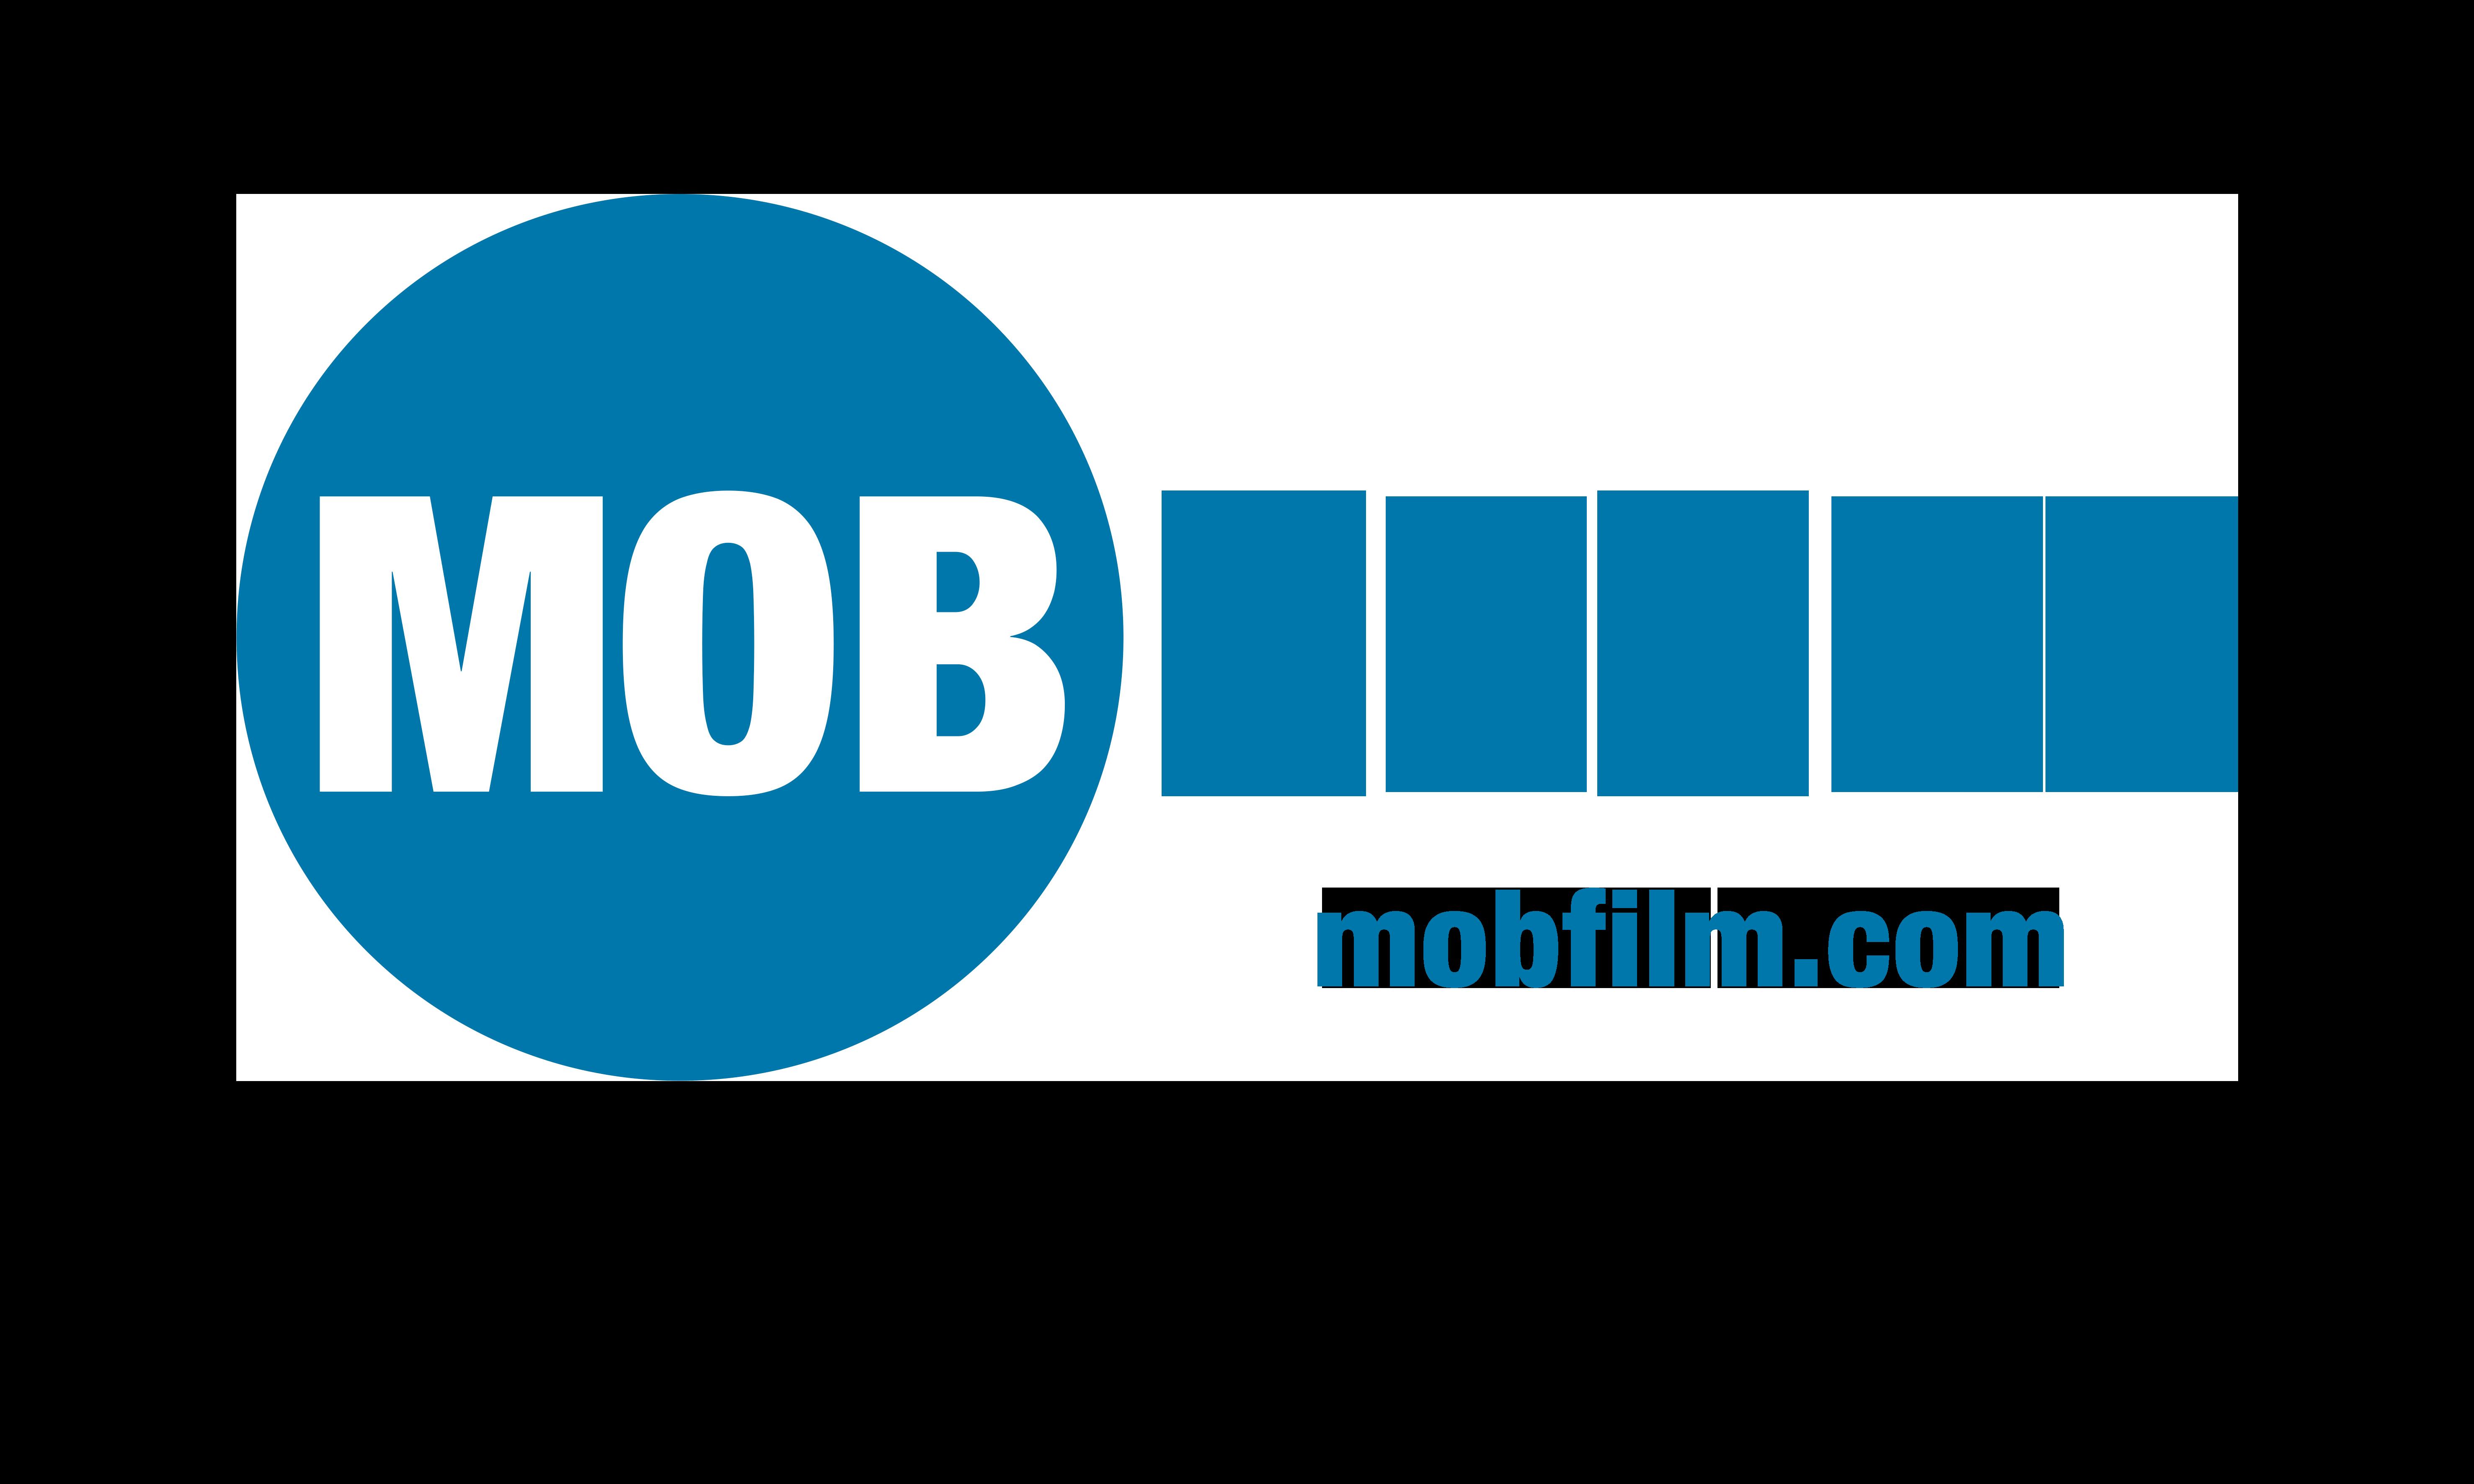 Mob Sport